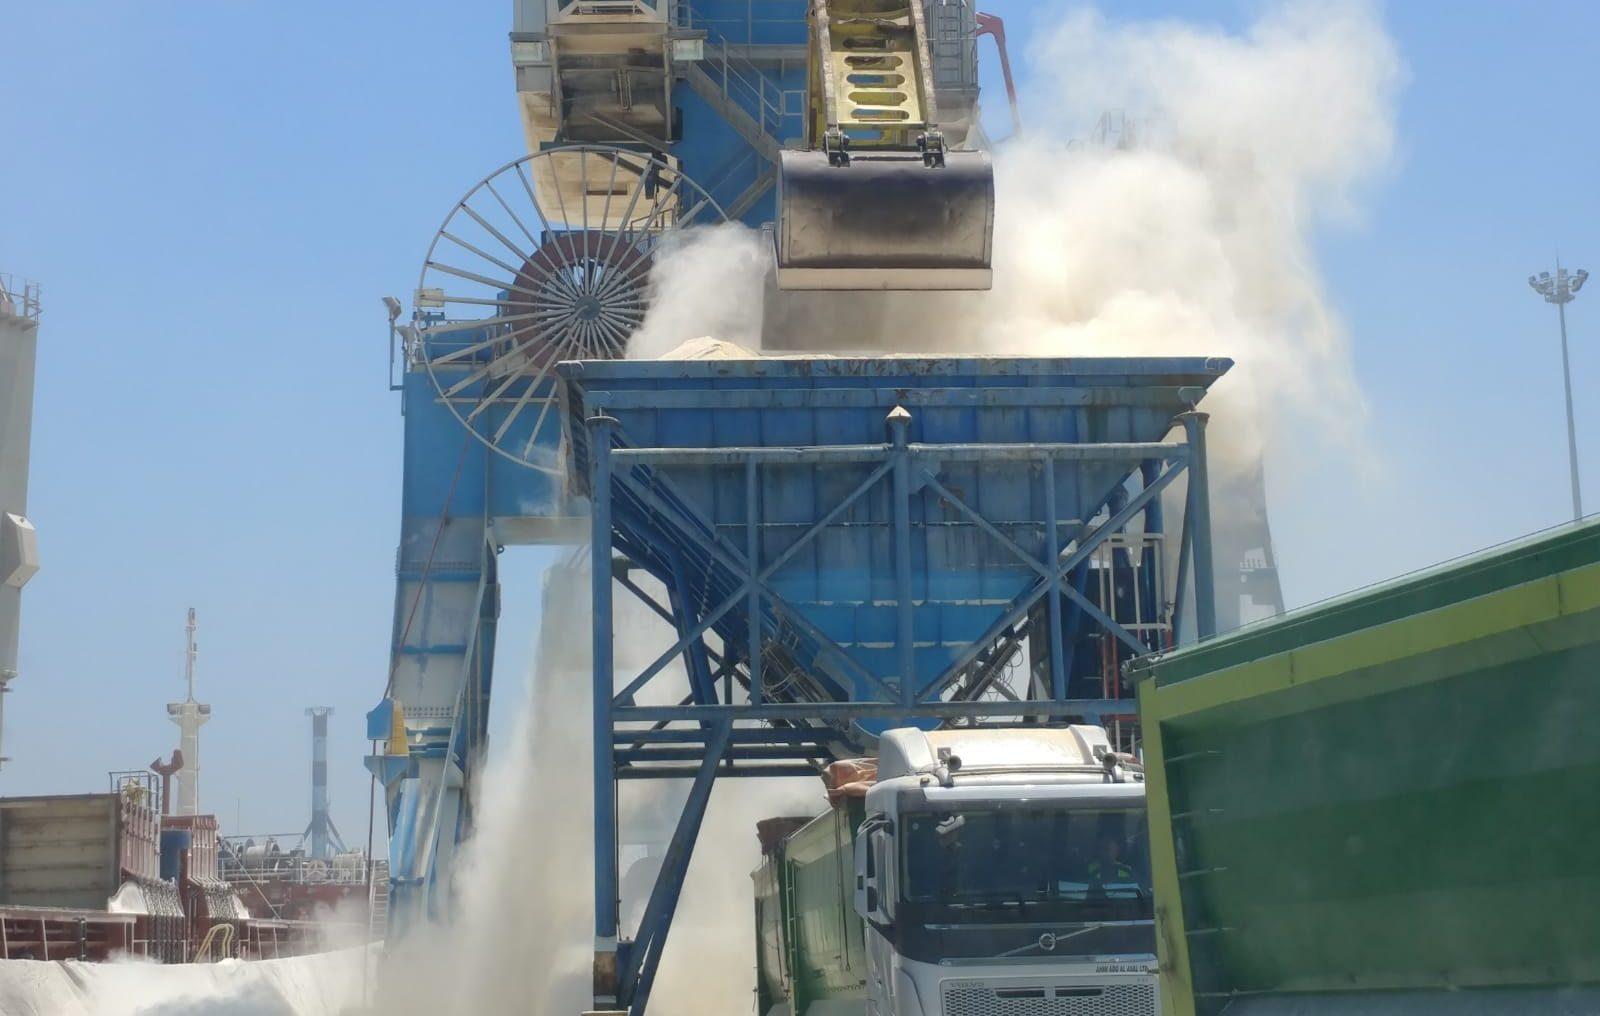 נמל אשדוד: פריקת מטען בתפזורת. צילום: דרור אריאלי, המשרד להגנת הסביבה